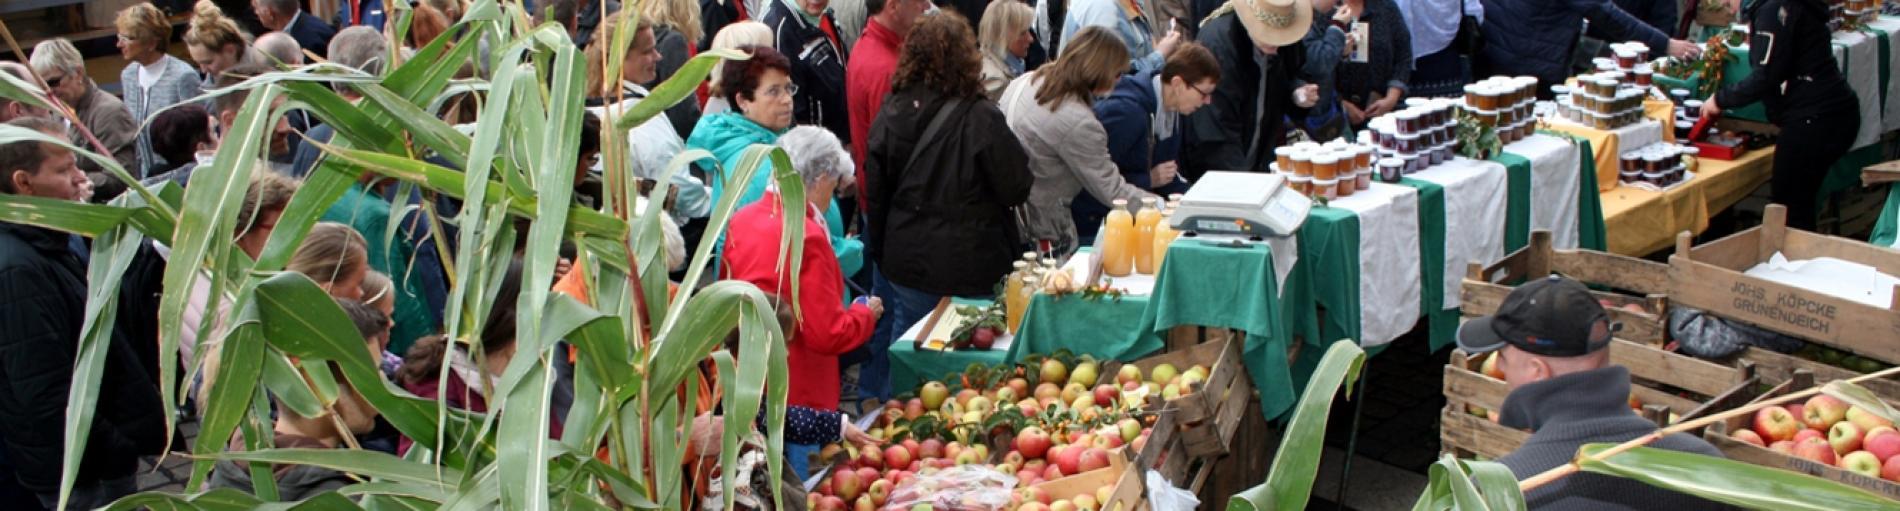 Herbstmarkt - Herbstlich bunte Atmosphäre